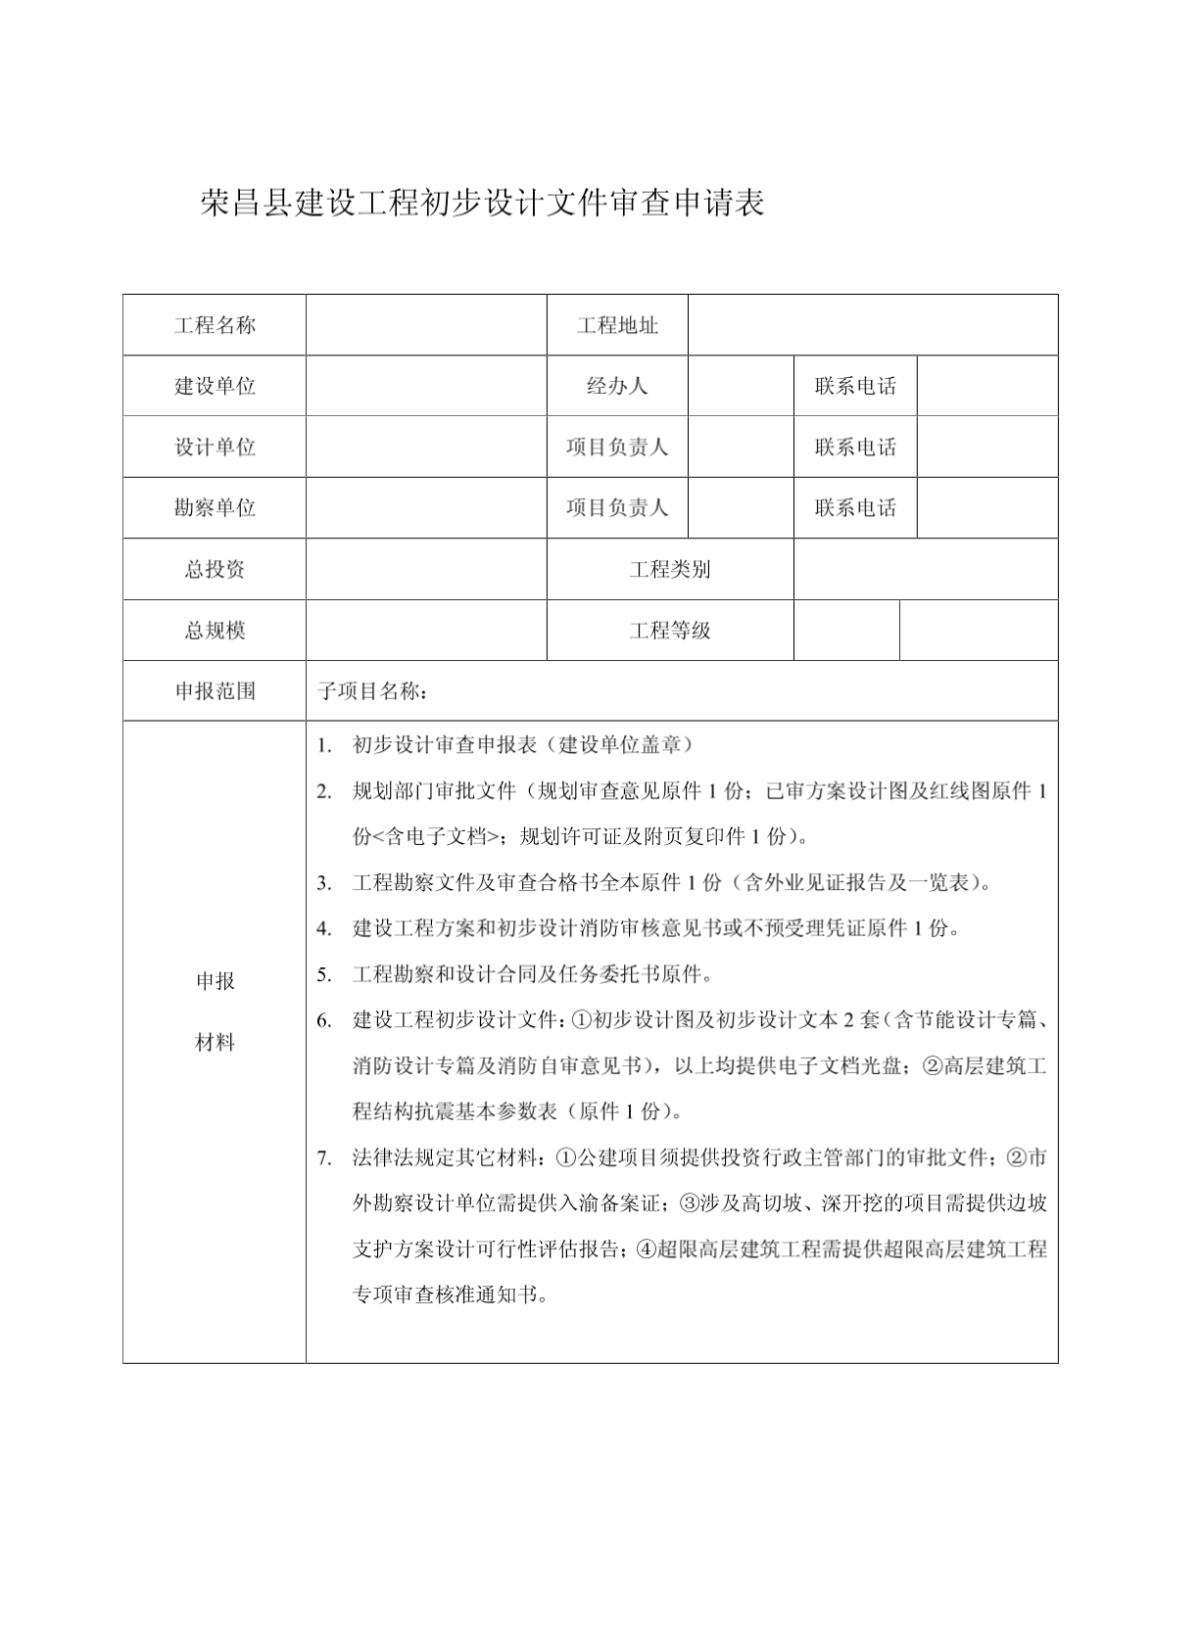 荣昌县建设工程初步设计文件审查申请表-图二